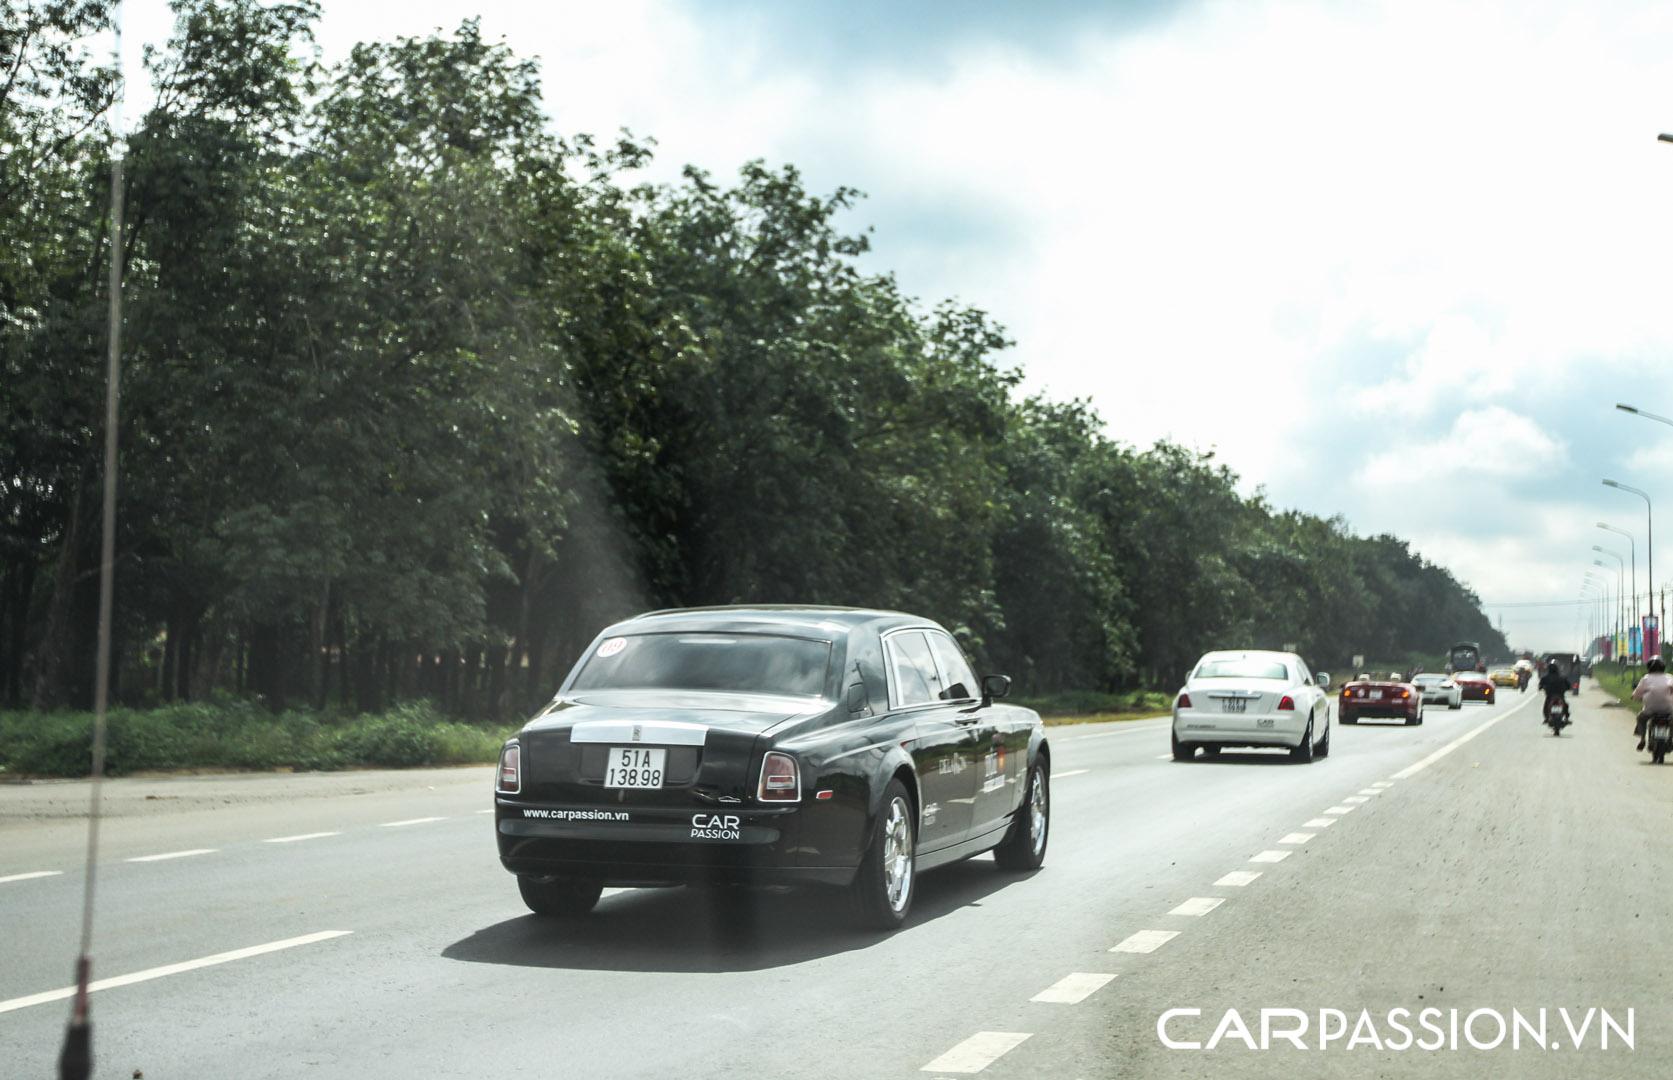 CP-Hành trình siêu xe CarPassion 2011 (119).jpg